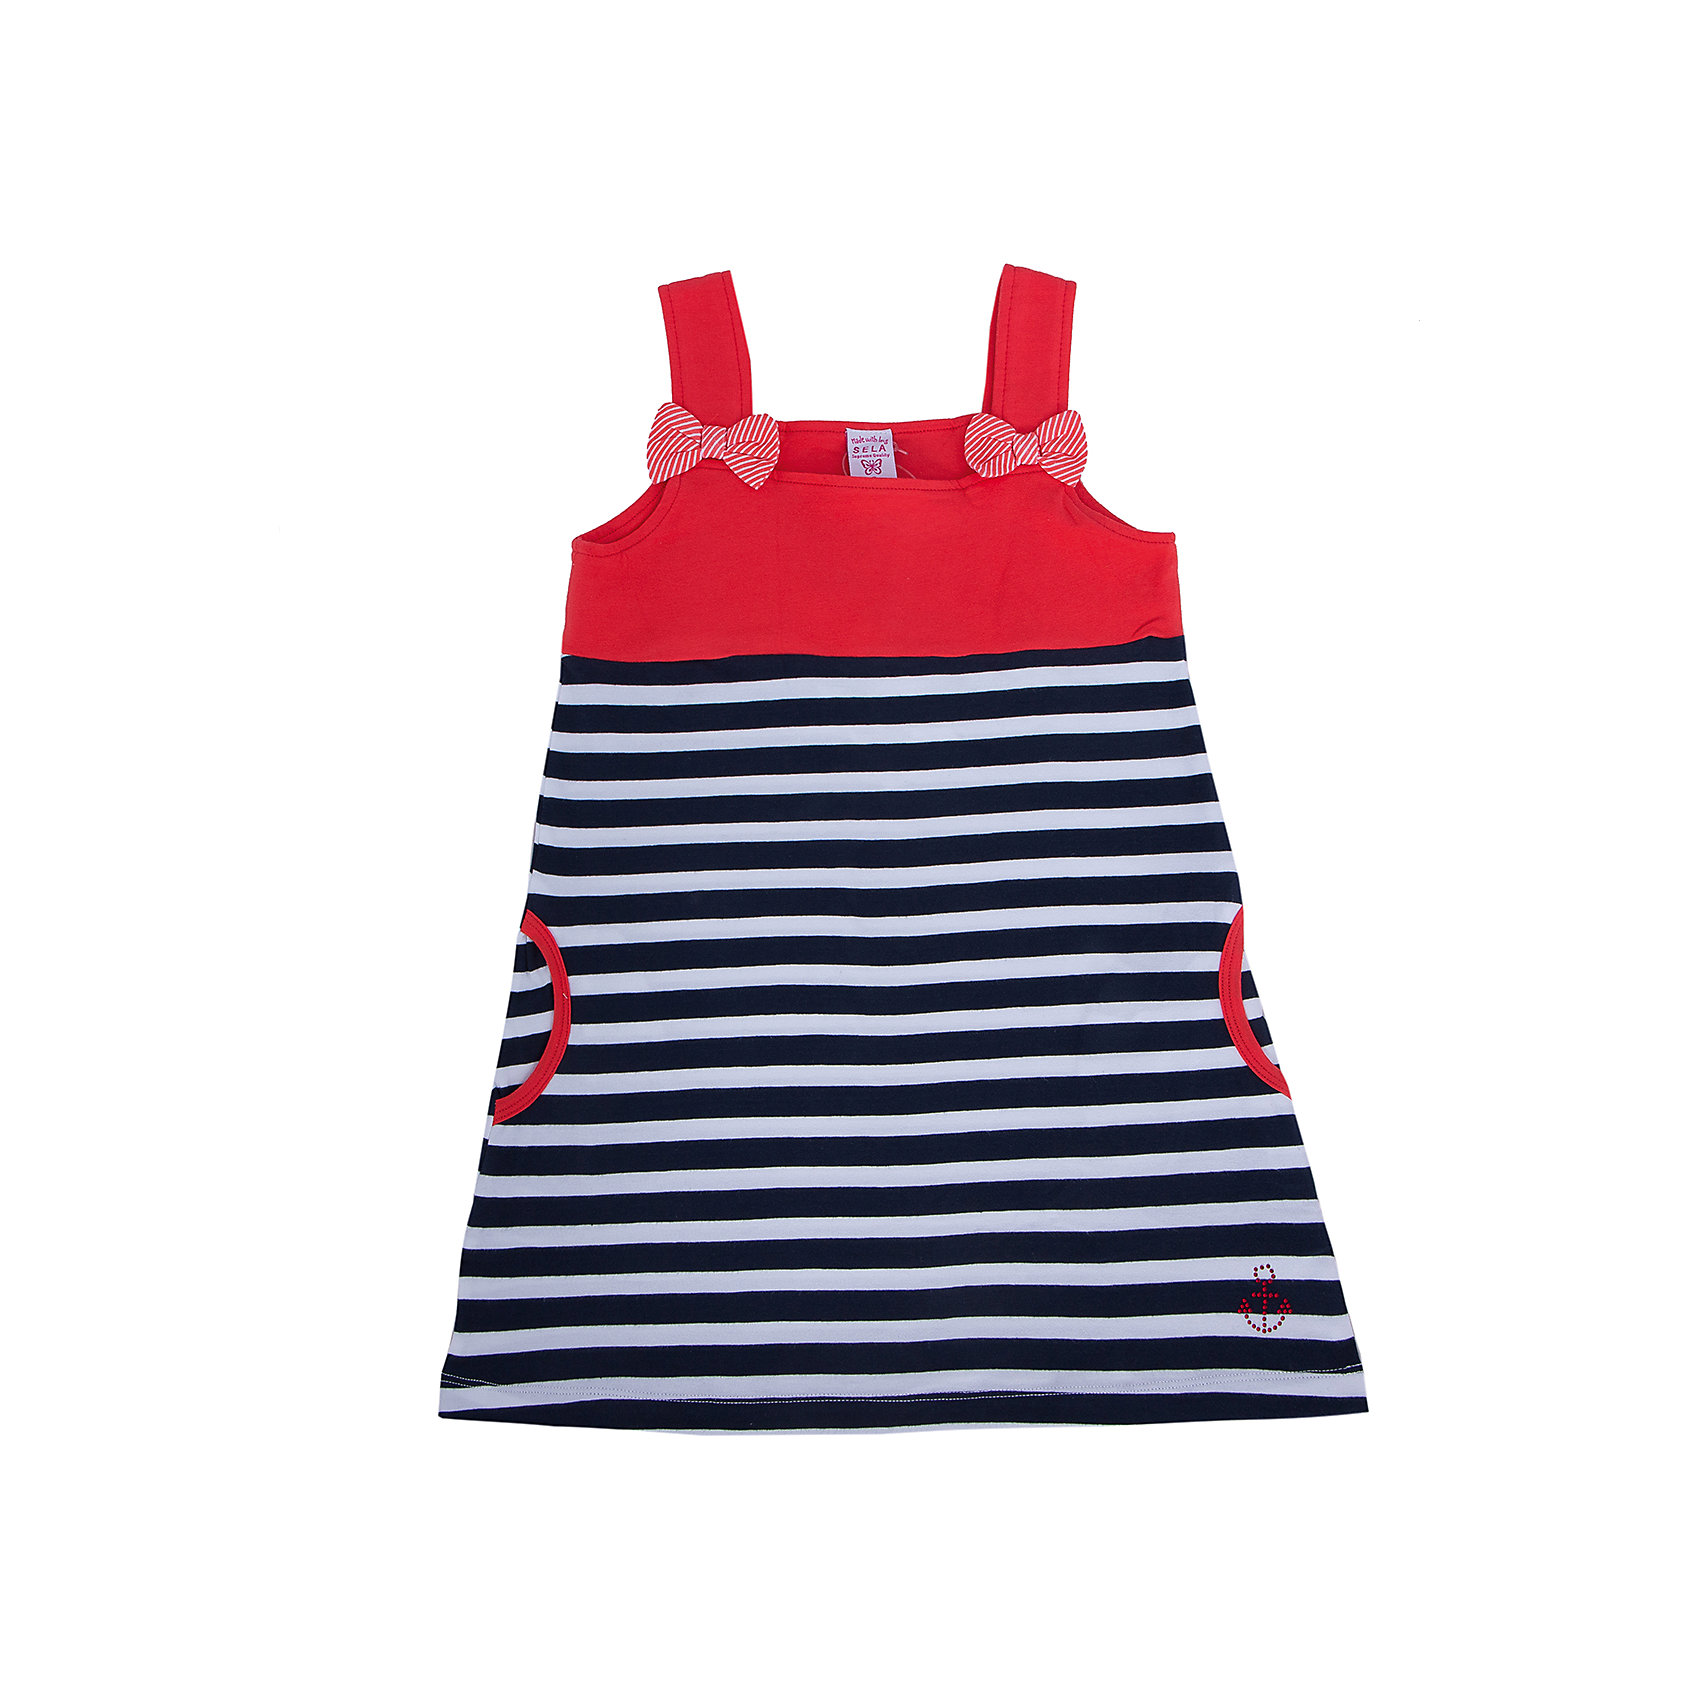 Платье для девочки SELAЯркое платье - прекрасный вариант на лето! Модель на широких бретелях декорирована небольшими бантиками и контрастной отделкой карманов. Платье выполнено из высококачественных материалов, отлично смотрится на фигуре, не вытягивается во время носки или же после стирки. Прекрасный вариант для юных модниц! <br><br>Дополнительная информация:<br><br>- Мягкий, приятный на ощупь материал. <br>- На бретелях.<br>- В полоску, контрастный верх.<br>- Отделка карманов.<br>- Бантики на бретелях.<br>- 2 кармана по бокам. <br>- Покрой: прямой, свободный. <br>Состав: <br>- хлопок 95% , эластан 5%.<br><br>Платье для девочки, SELA (Села), можно купить в нашем магазине.<br><br>Ширина мм: 236<br>Глубина мм: 16<br>Высота мм: 184<br>Вес г: 177<br>Цвет: красный<br>Возраст от месяцев: 48<br>Возраст до месяцев: 60<br>Пол: Женский<br>Возраст: Детский<br>Размер: 92,110,116,104,98<br>SKU: 4741585